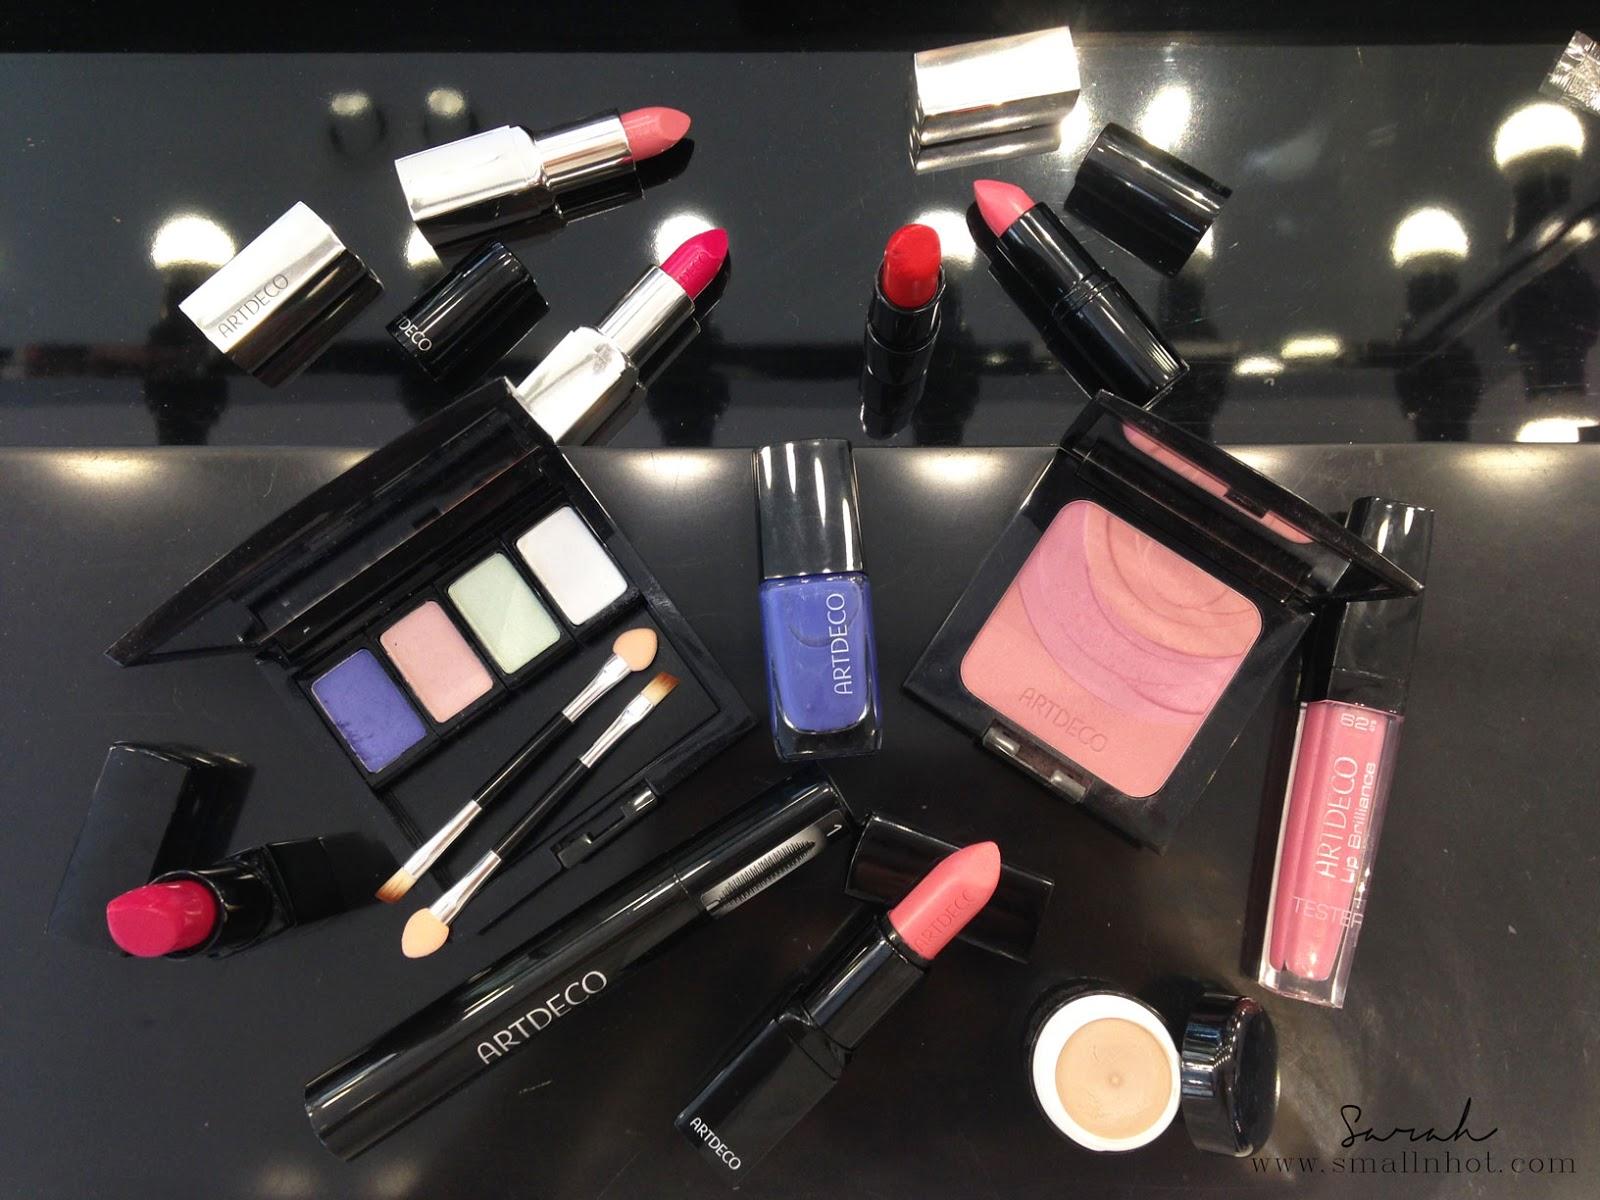 5 spring summer makeup tips by artdeco makeup artist mace. Black Bedroom Furniture Sets. Home Design Ideas